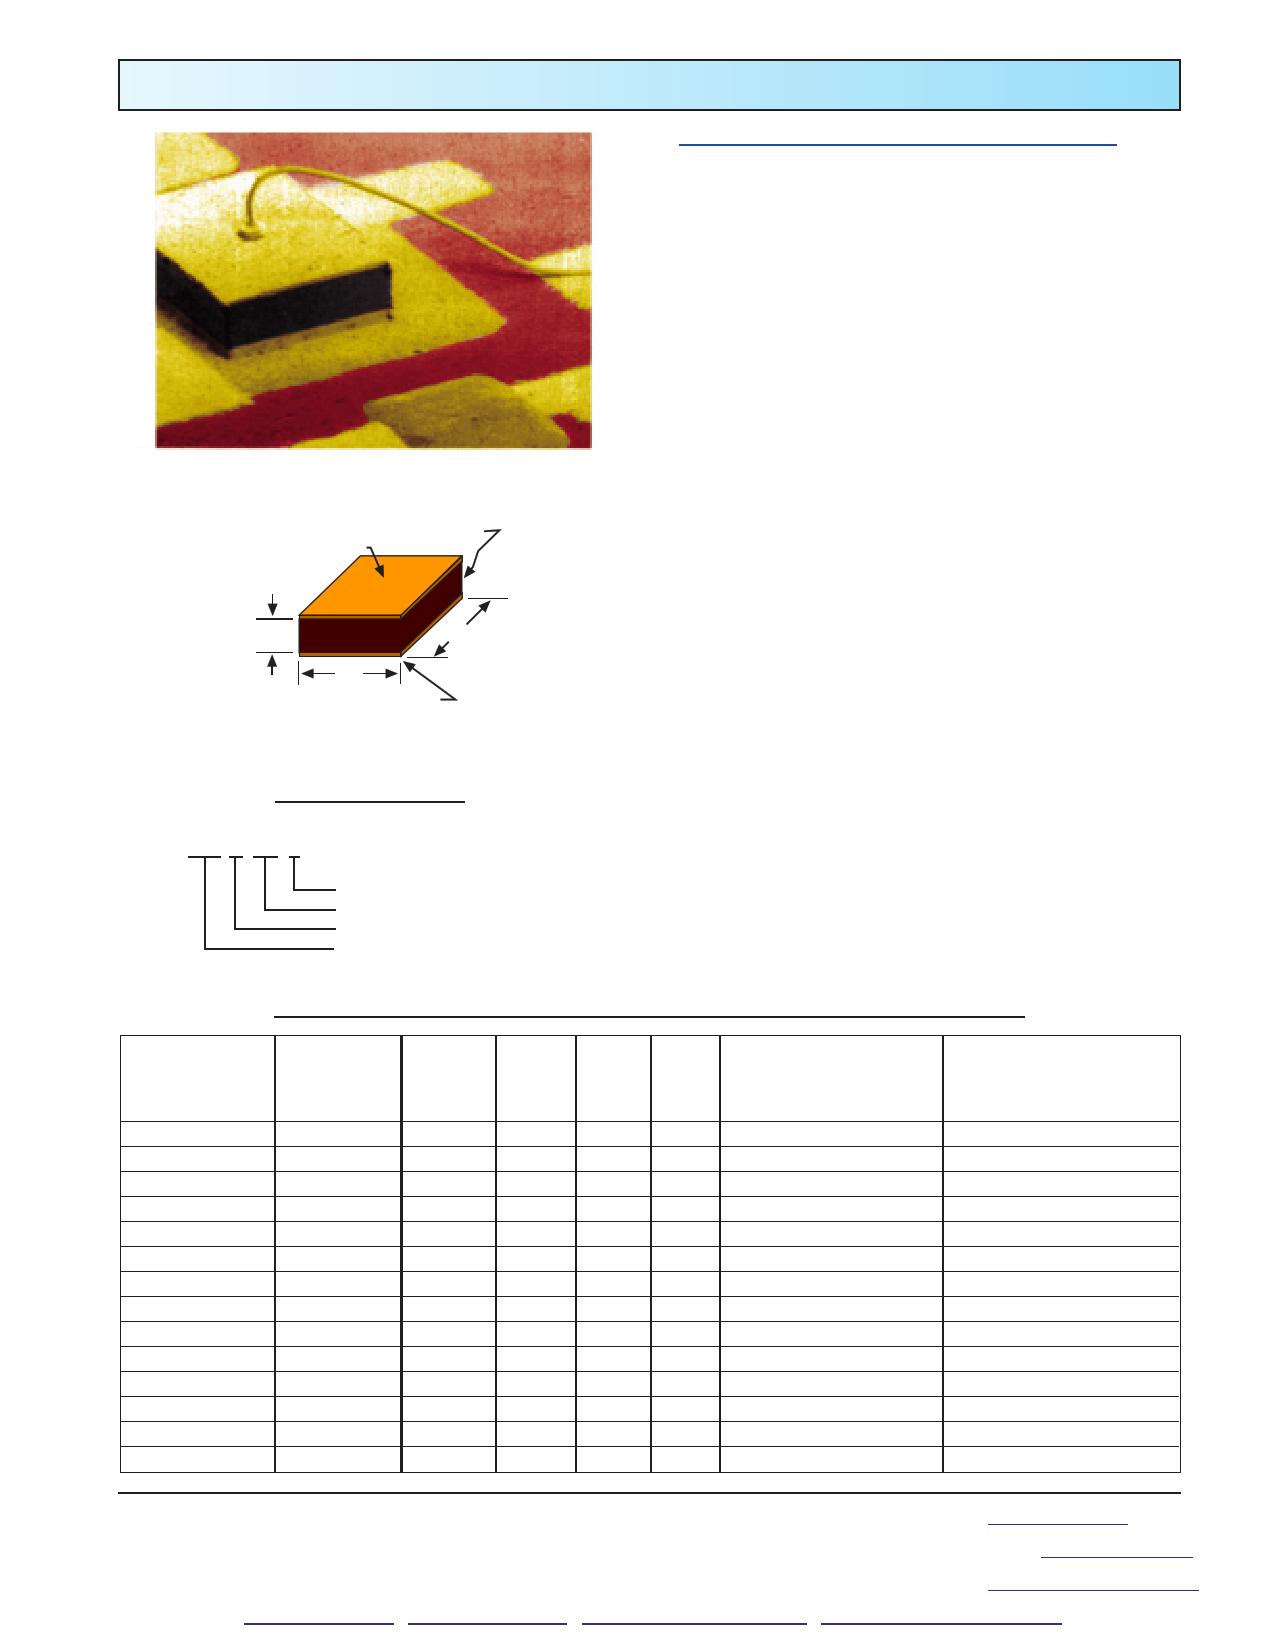 2.2K3CG2 datasheet